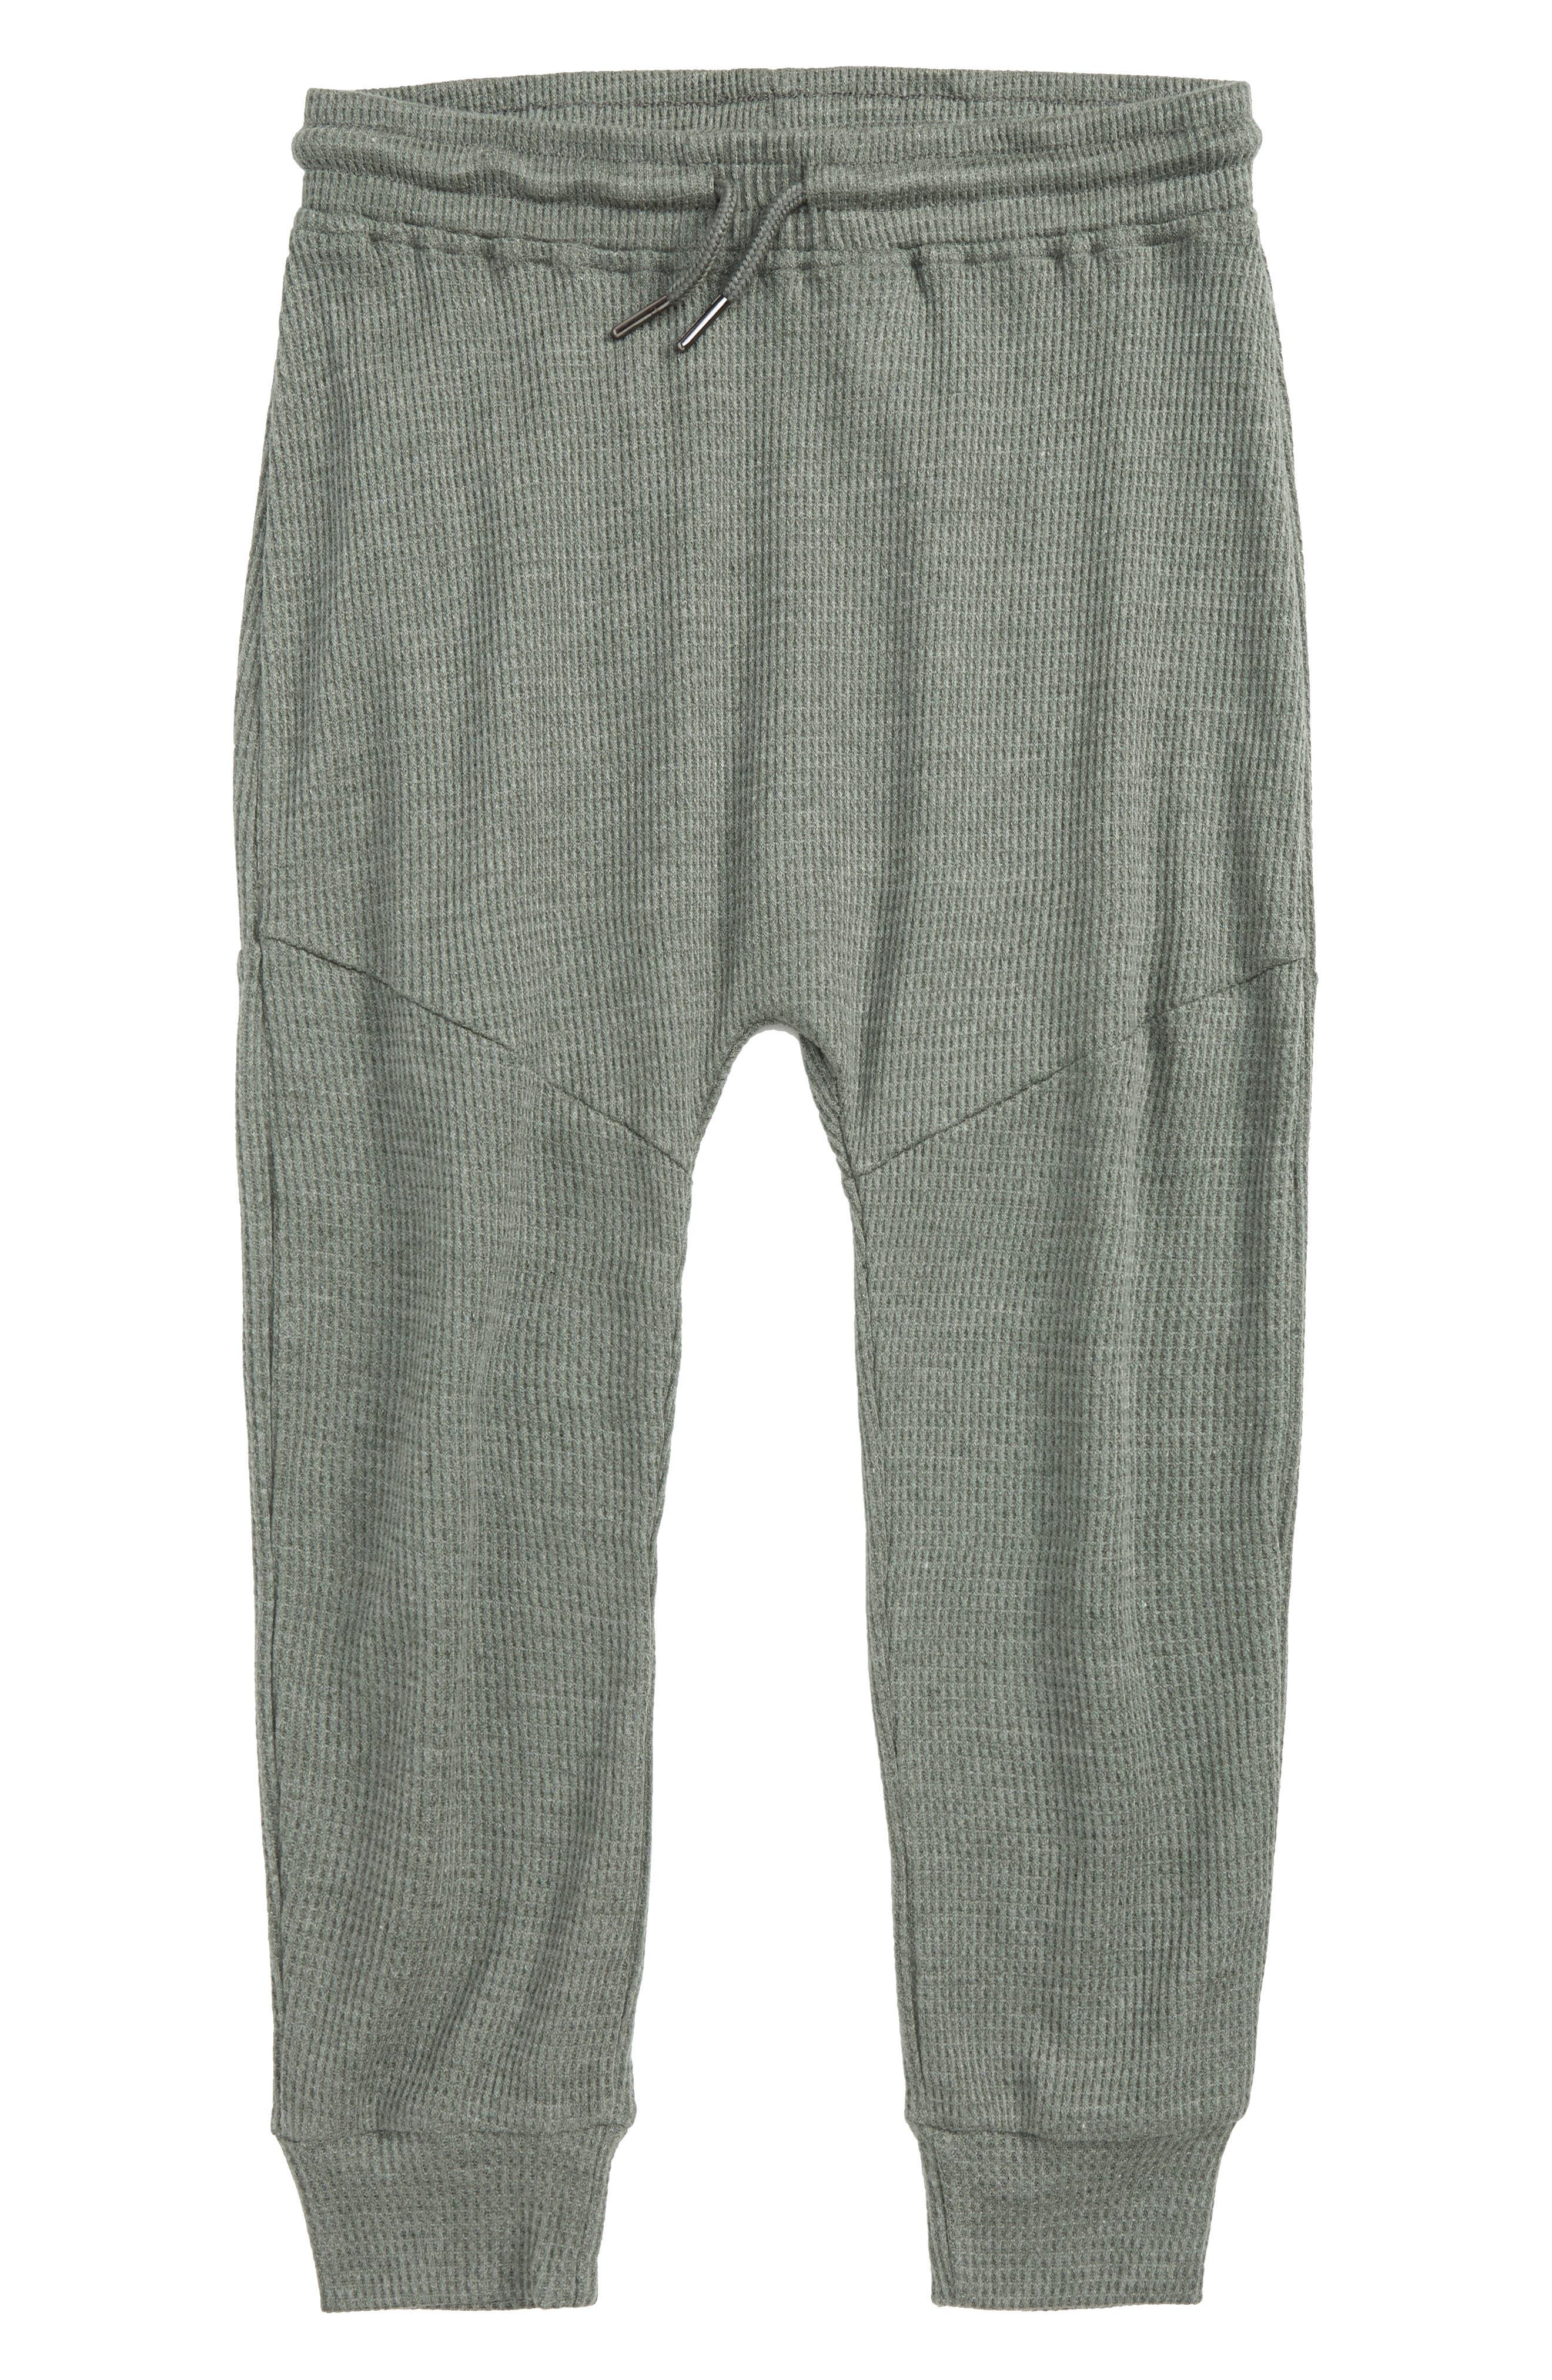 Main Image - Superism Jude Thermal Knit Jogger Pants (Big Boys)